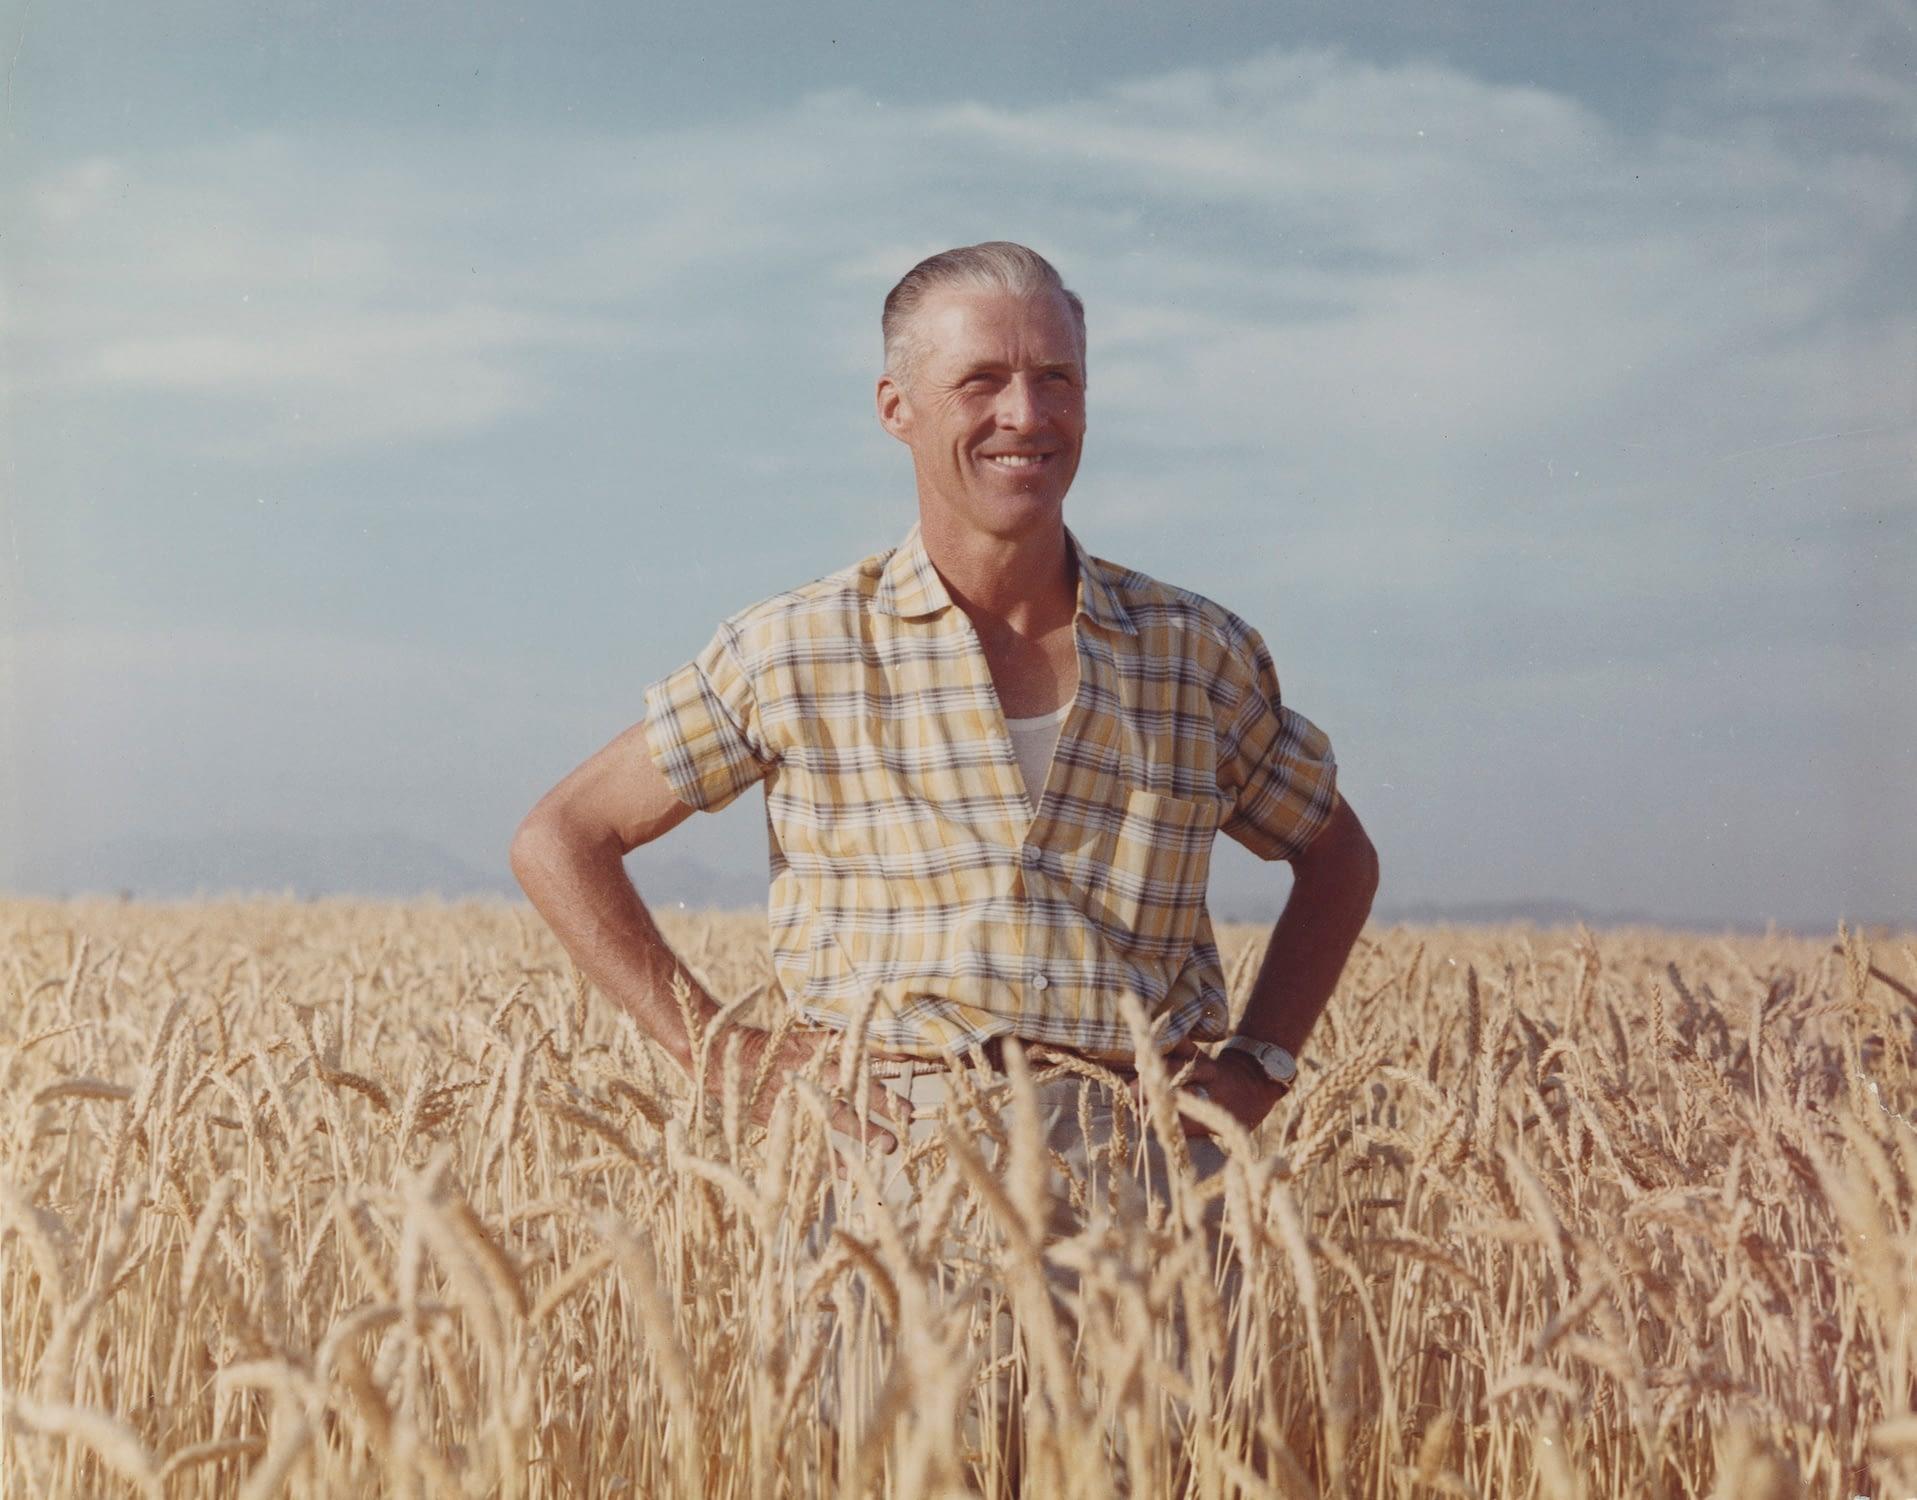 Norman E. Borlaug stands on a wheat field in Ciudad Obregón, Sonora state, Mexico. (Photo: CIMMYT)